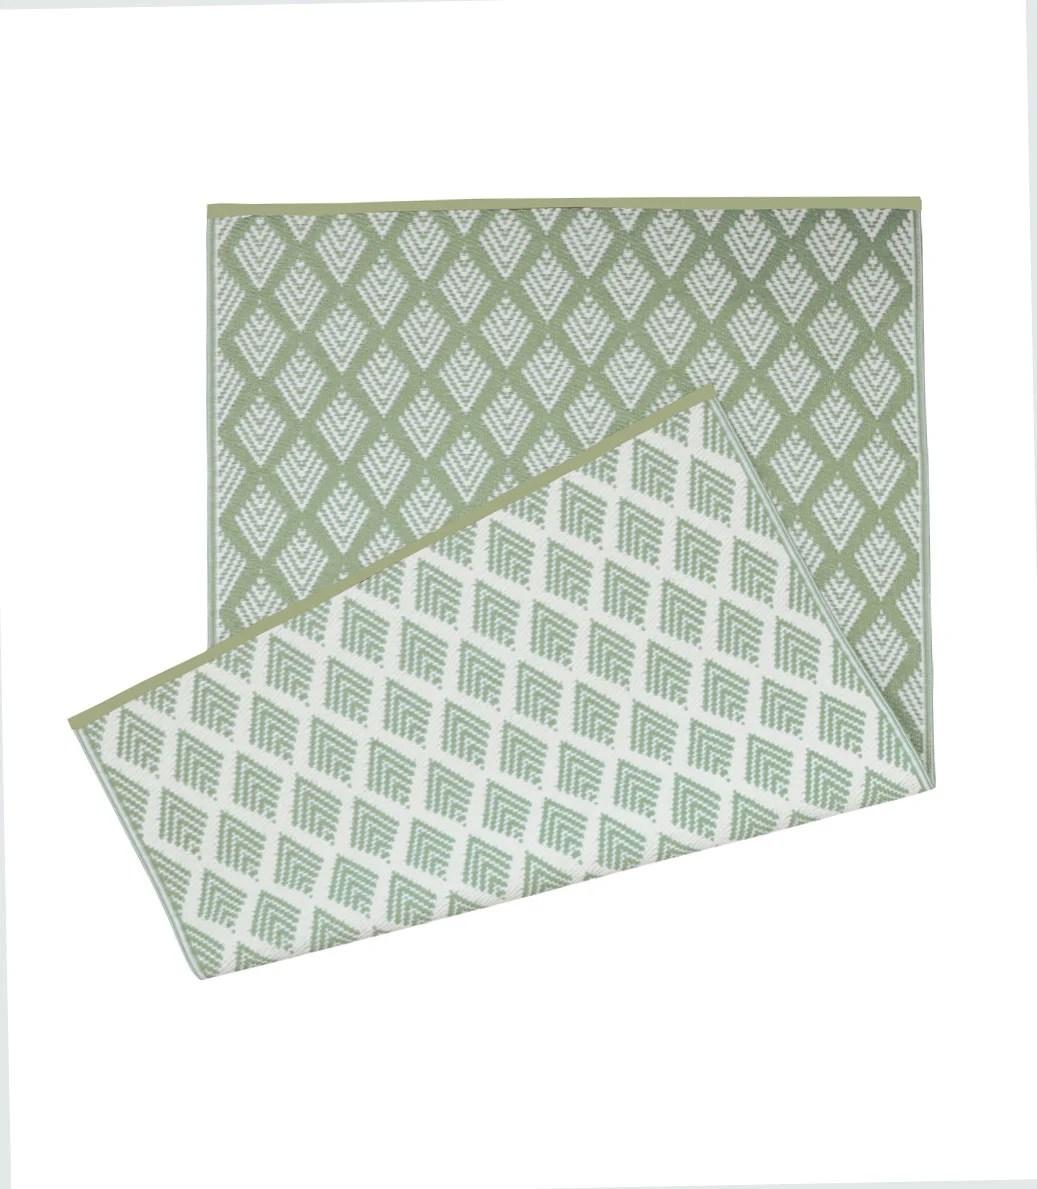 tapis exterieur l 120 x l 180 cm solys kalamata kaki l